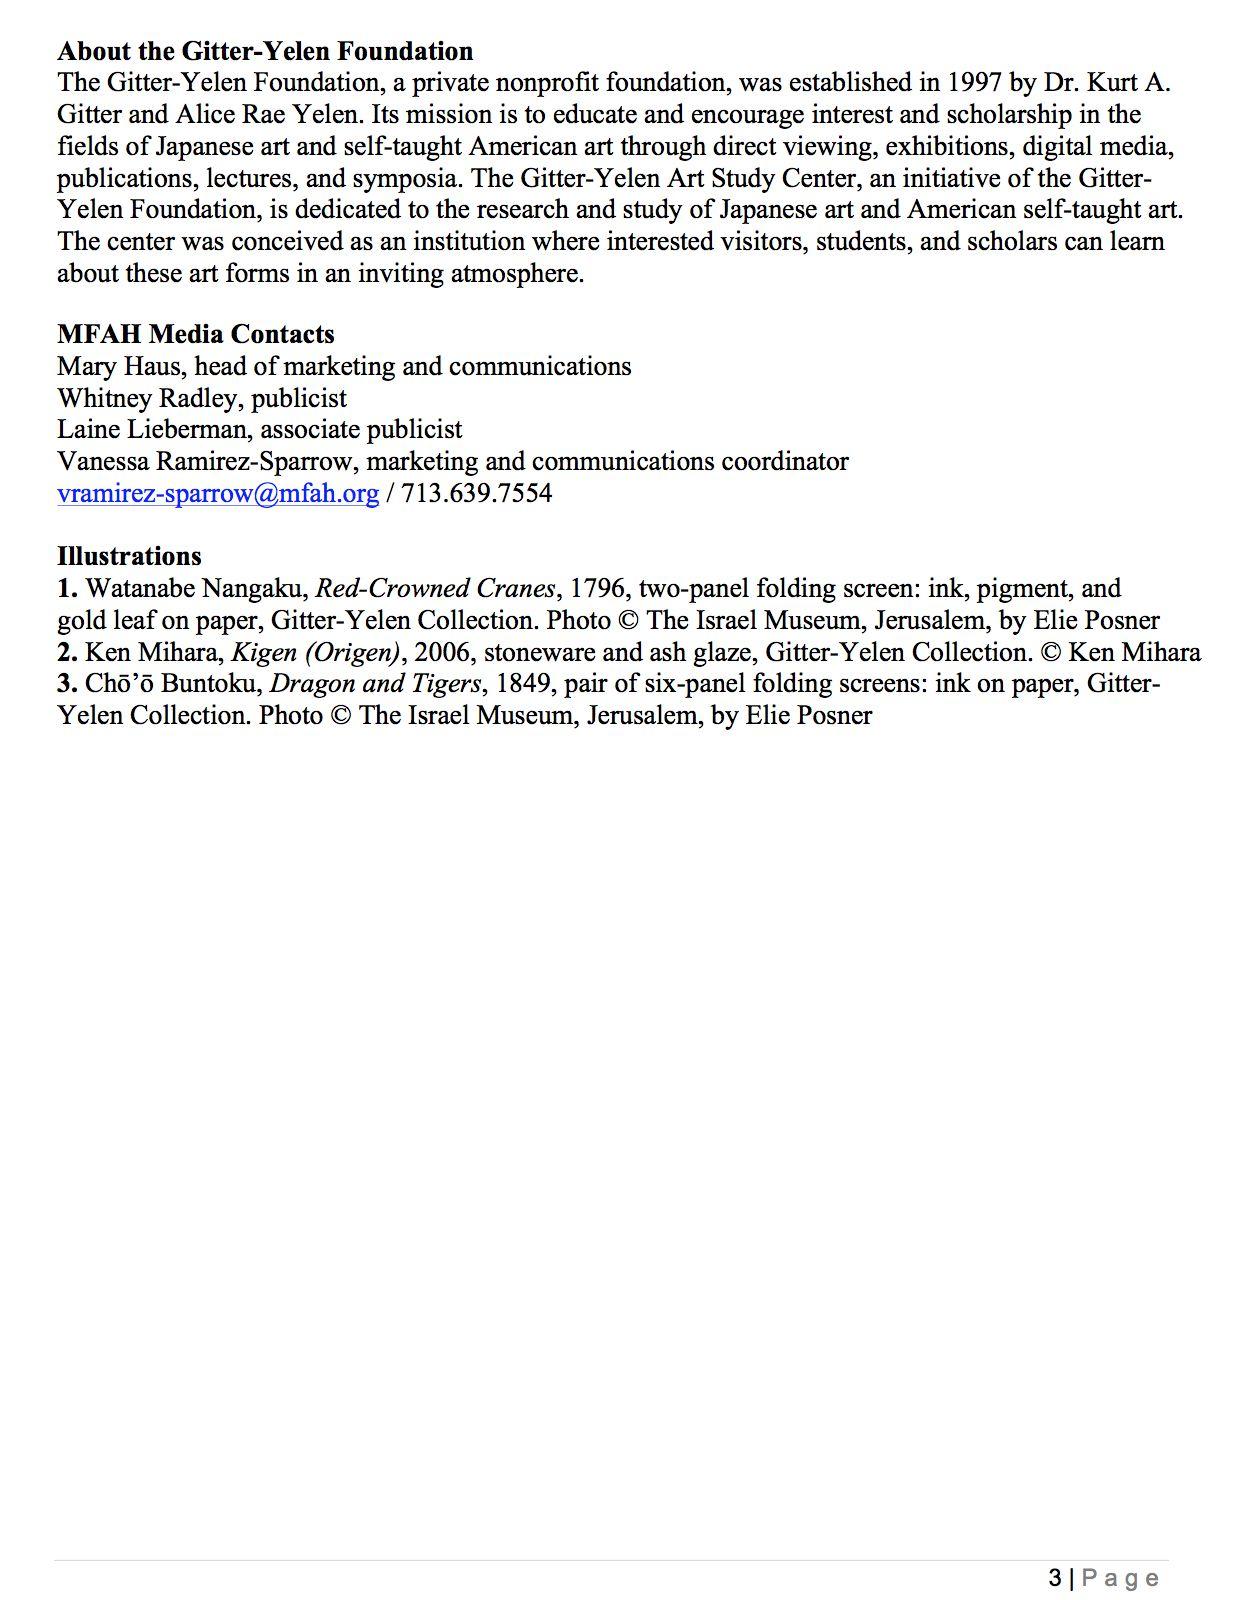 MFAH press release